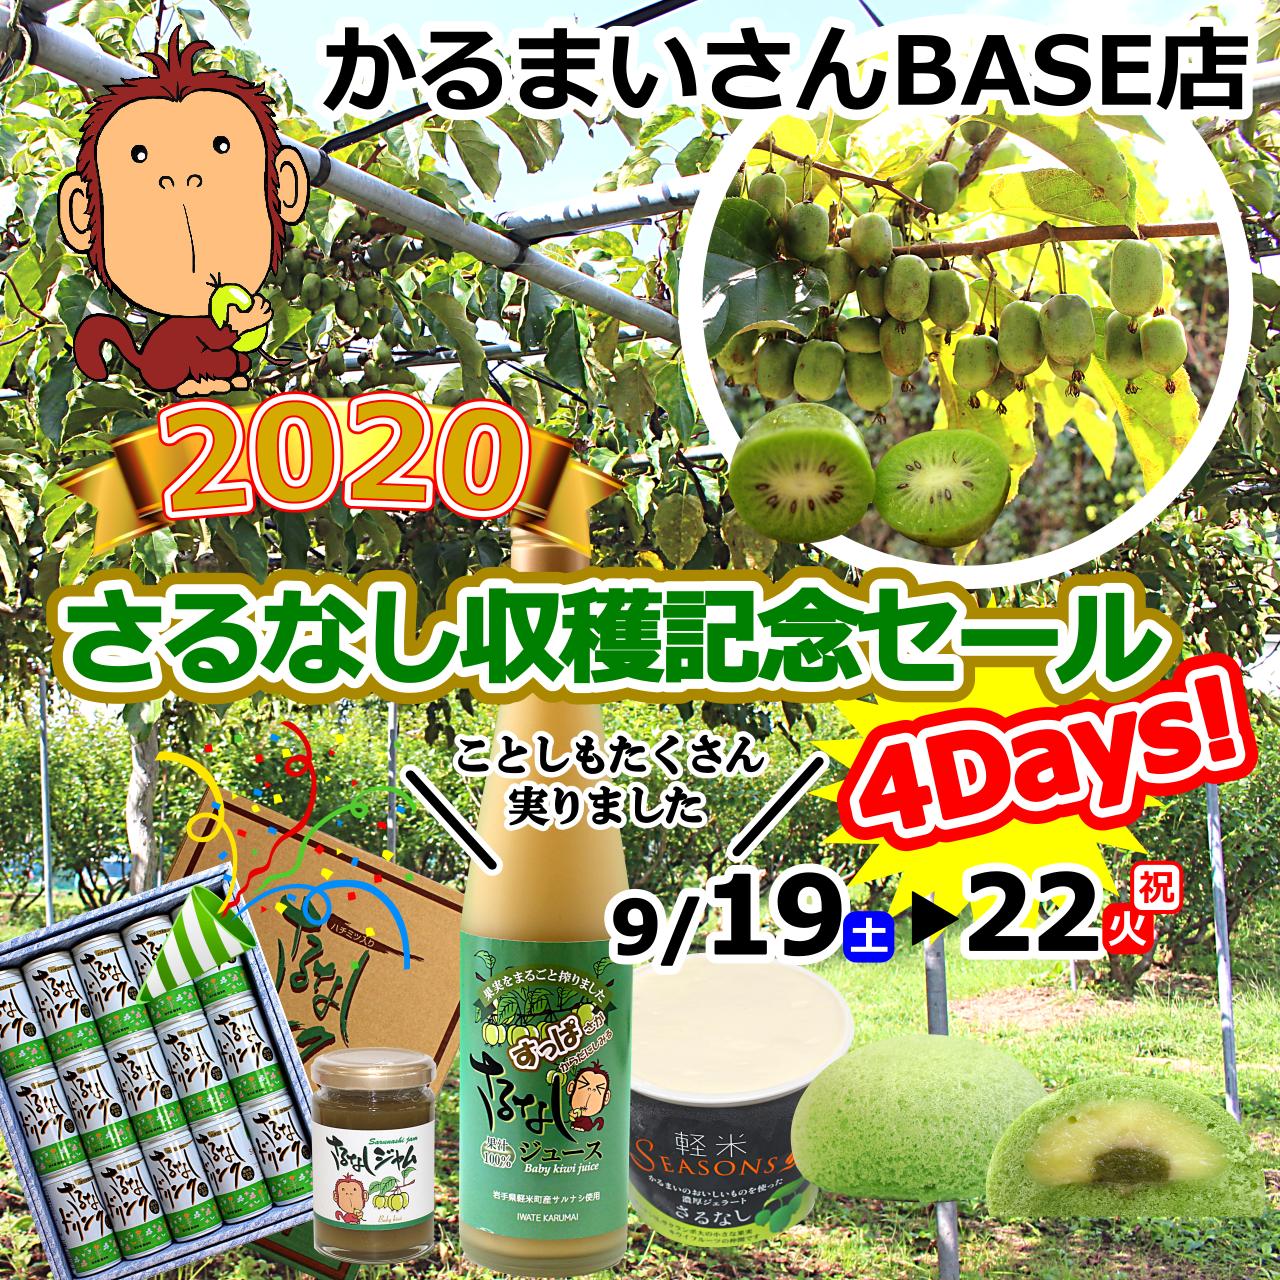 【さるなし商品10%OFF!】「2020さるなし収穫記念セール」~9/22(火・祝)23:59まで